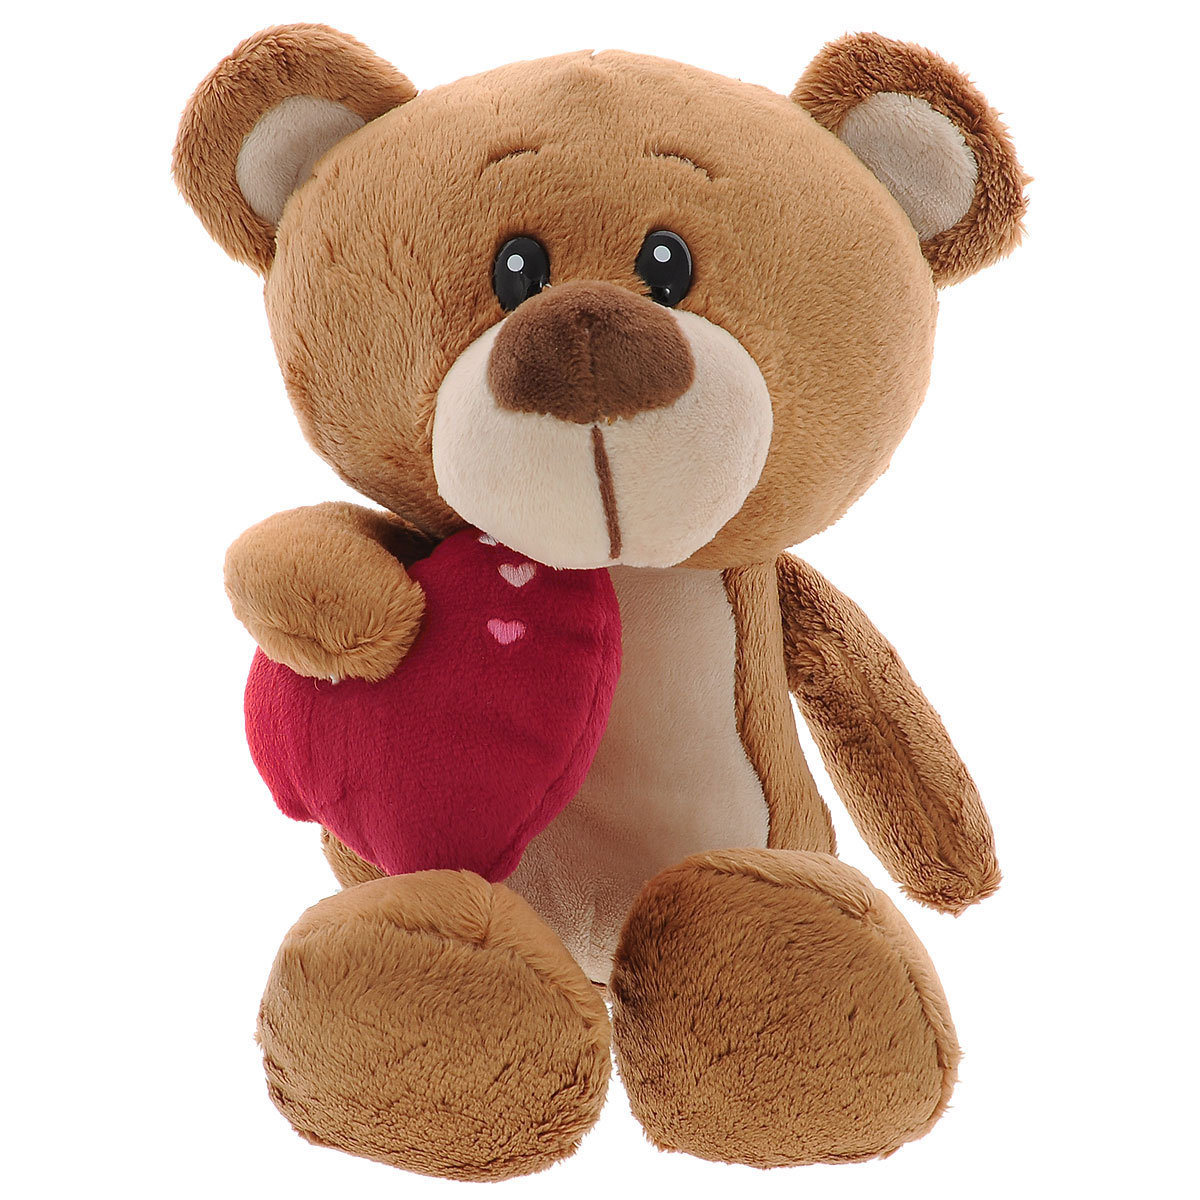 Мягкая игрушка Plush Apple Медведь Мишуткин с сердцем, 30 см мягкая игрушка plush apple собака с шарфом 28 см